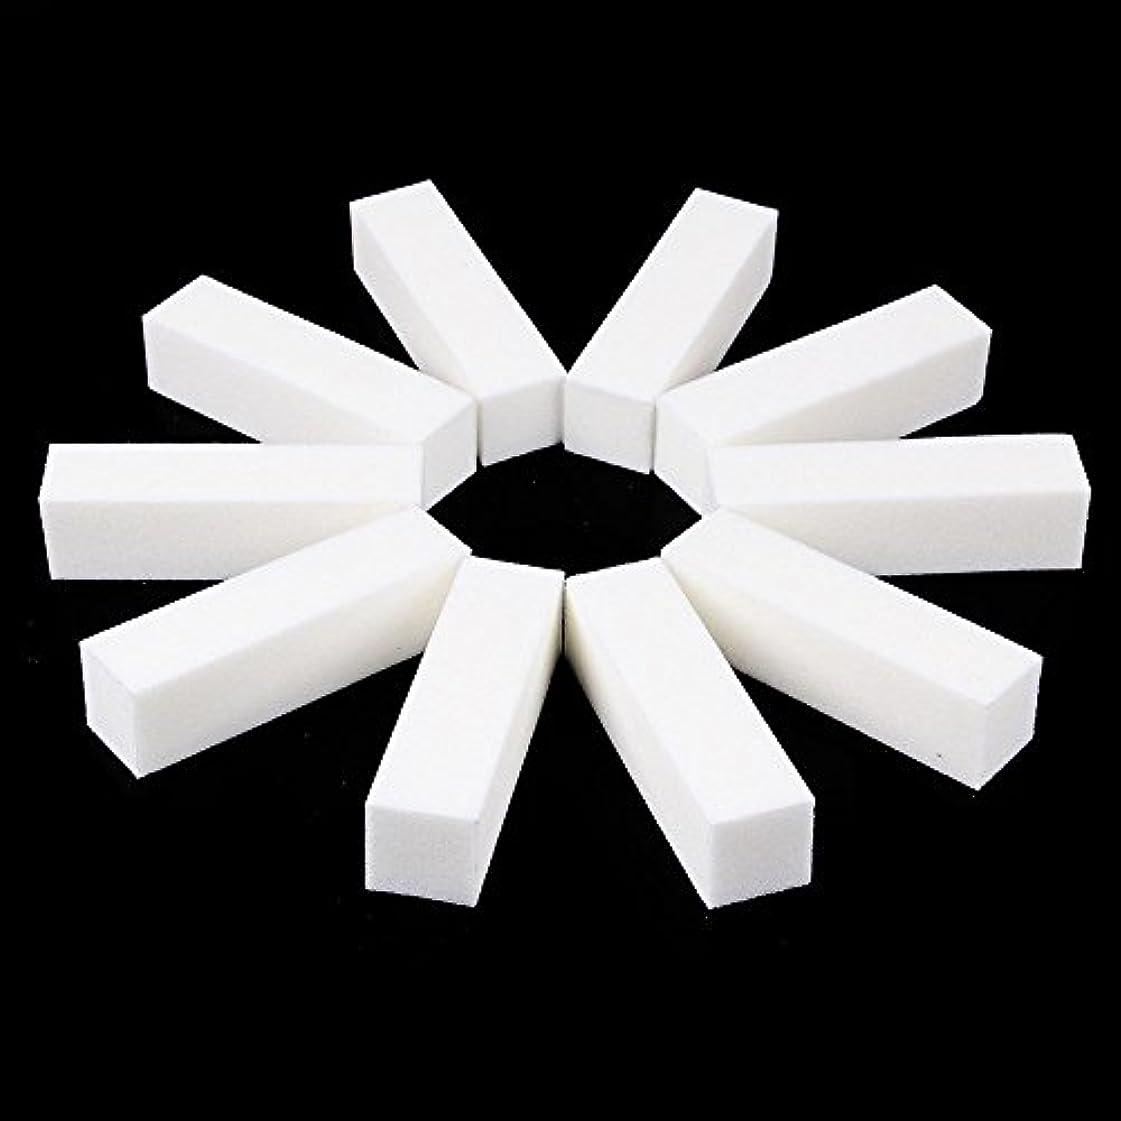 ネイルファイル サンディングブロック マニキュアツール バッファ ホワイト 4ウェイ 12個セット